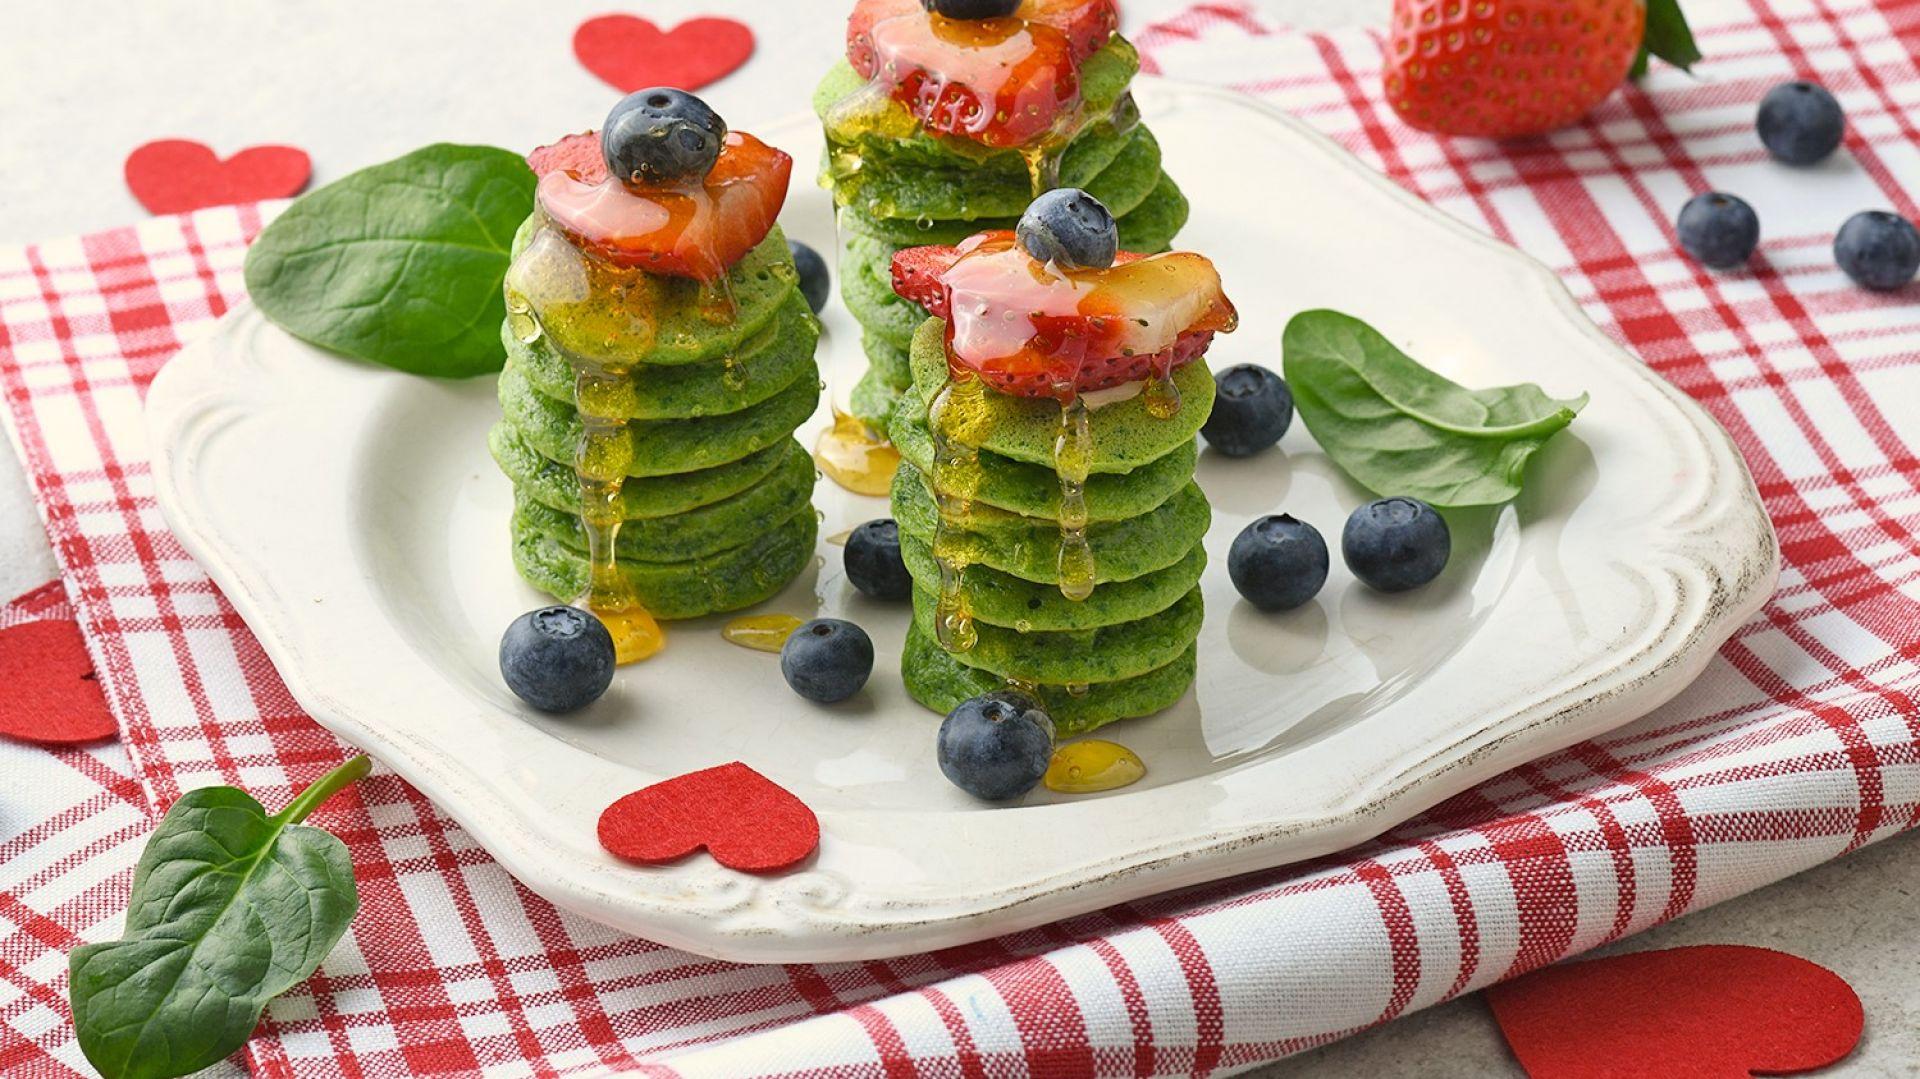 Przepisy na Walentynki. Zielone miniplacuszki z owocami .Fot. Orchidea Creative Group.